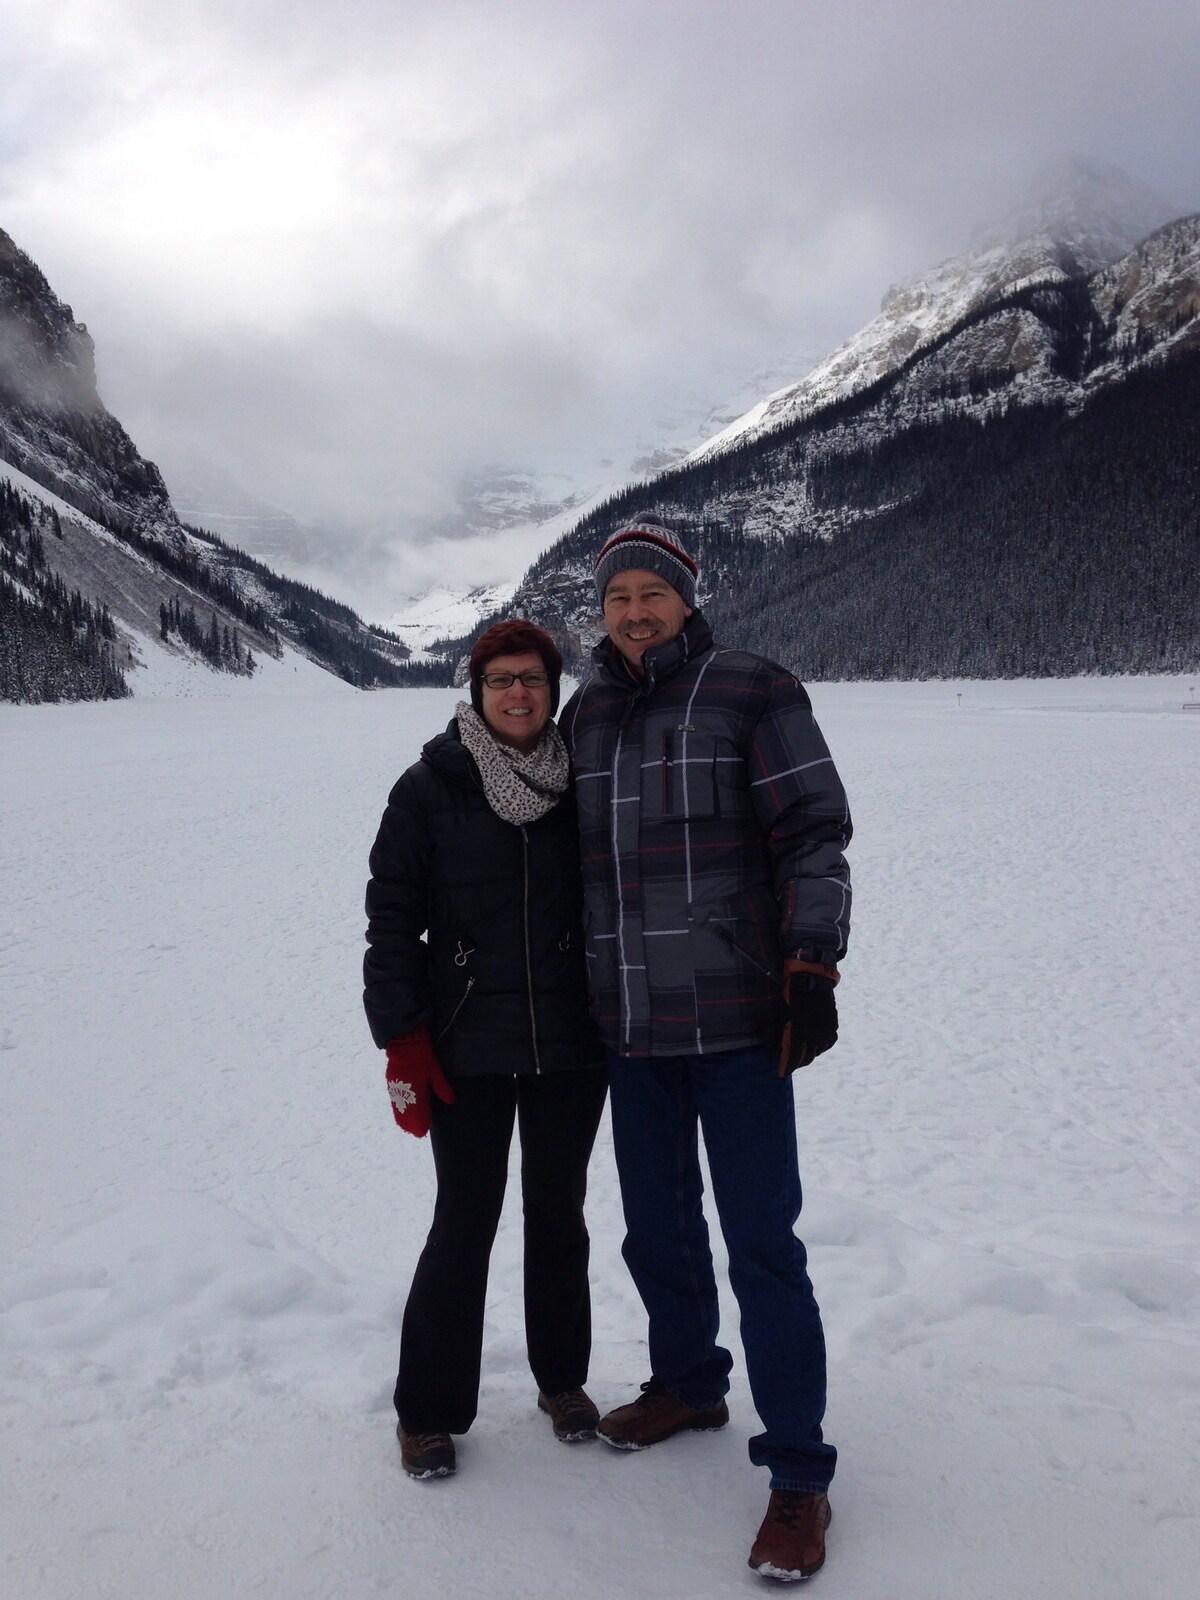 Helma And John From Edmonton, Canada